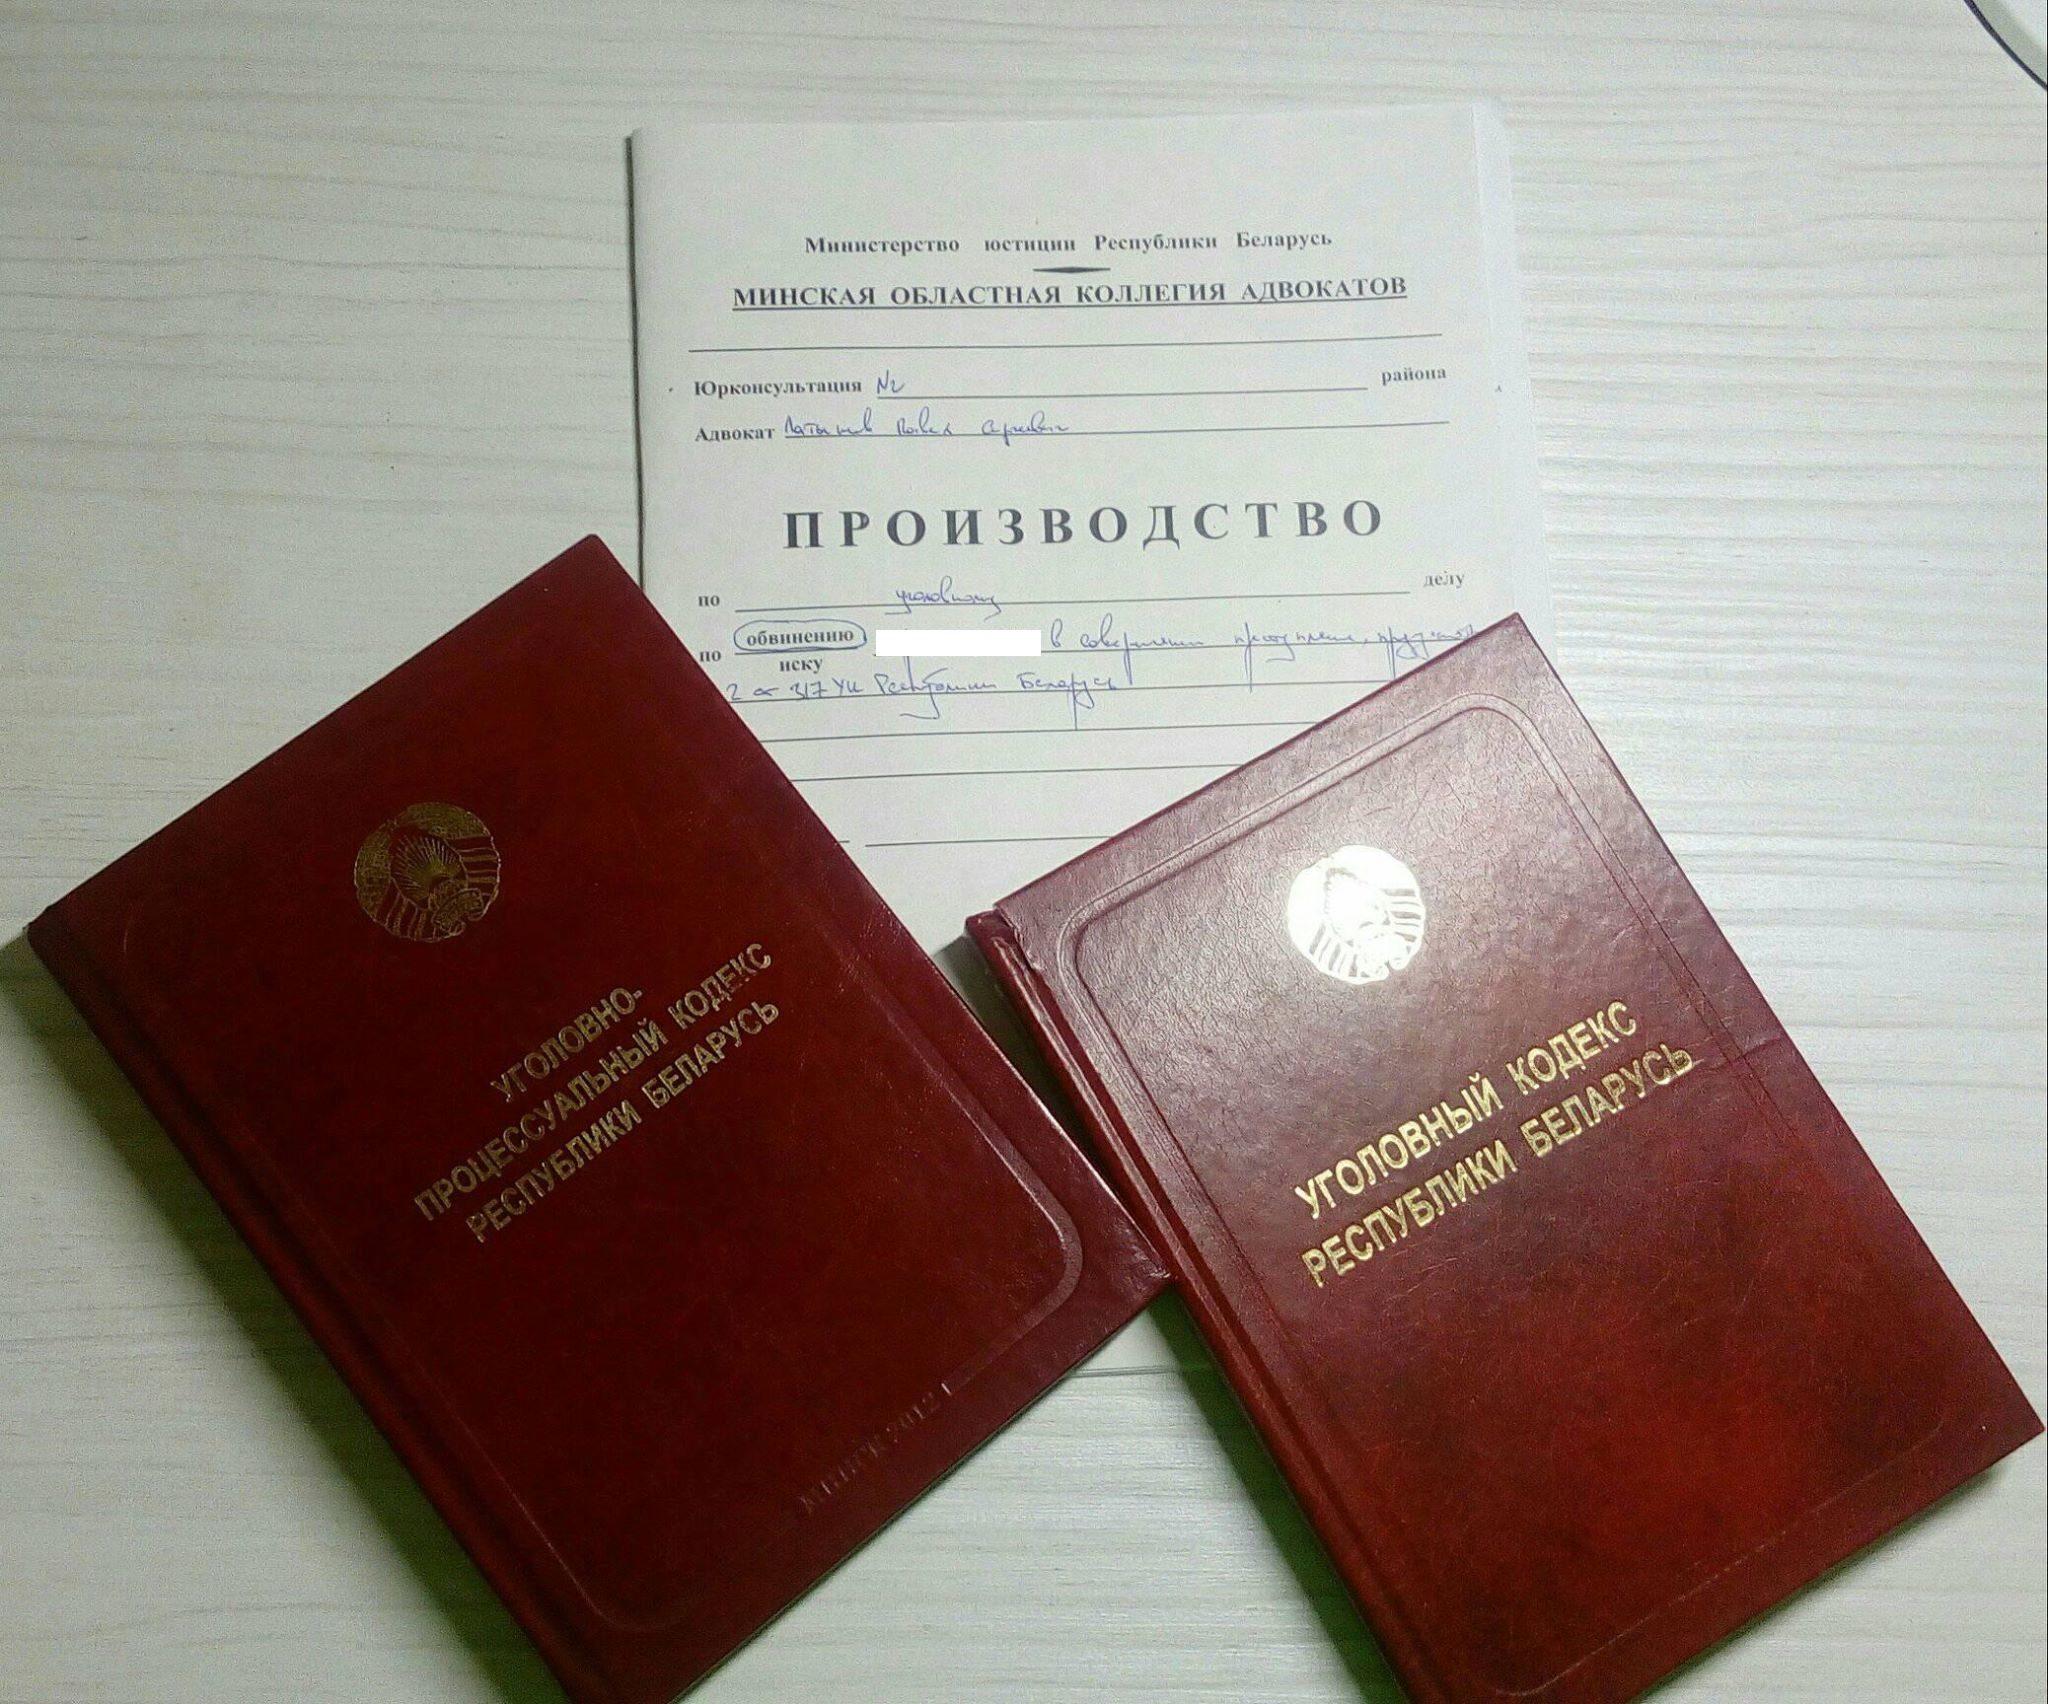 адвокат по уголовным делам Латышев С.В. в Минске и по всей Беларуси - грамотная защита по уголовным делам